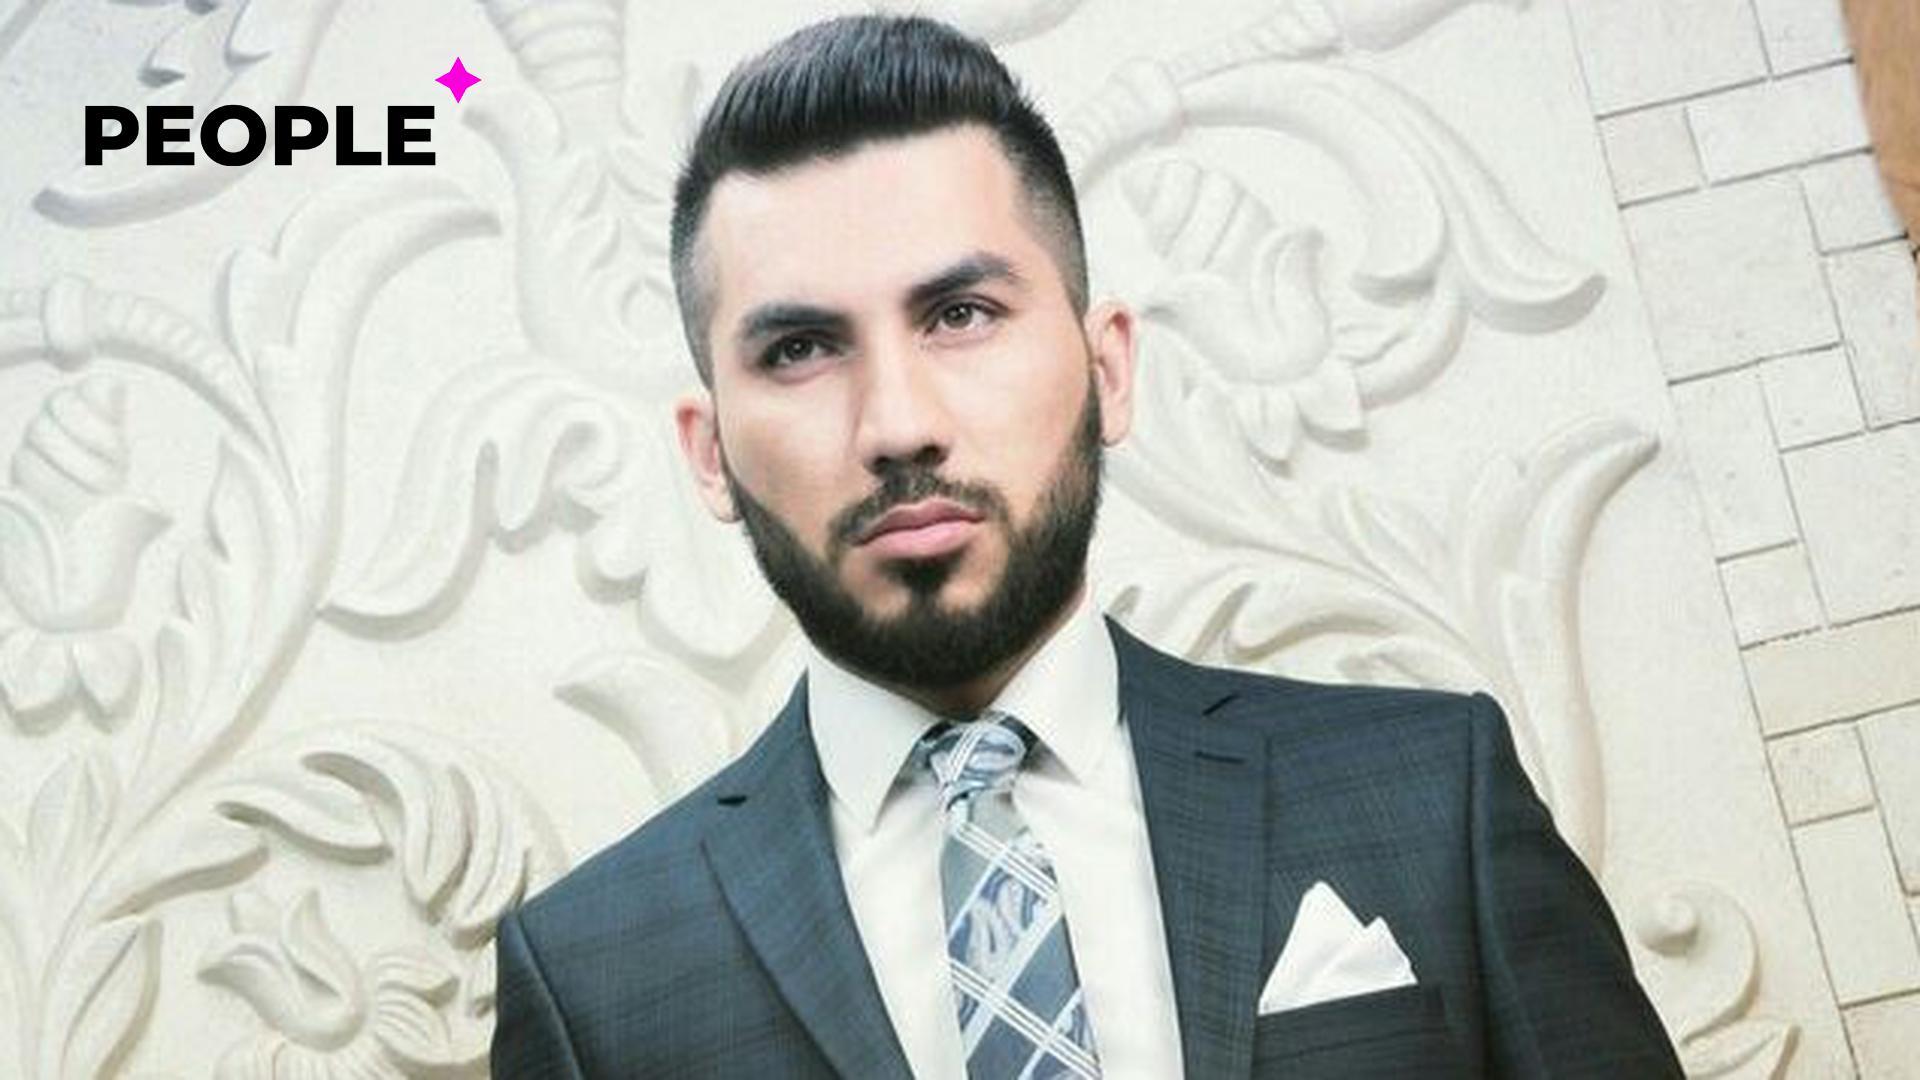 Скандальный режиссер Ахад Каюм раскрыл стоимость рекламы на своей странице в Instagram